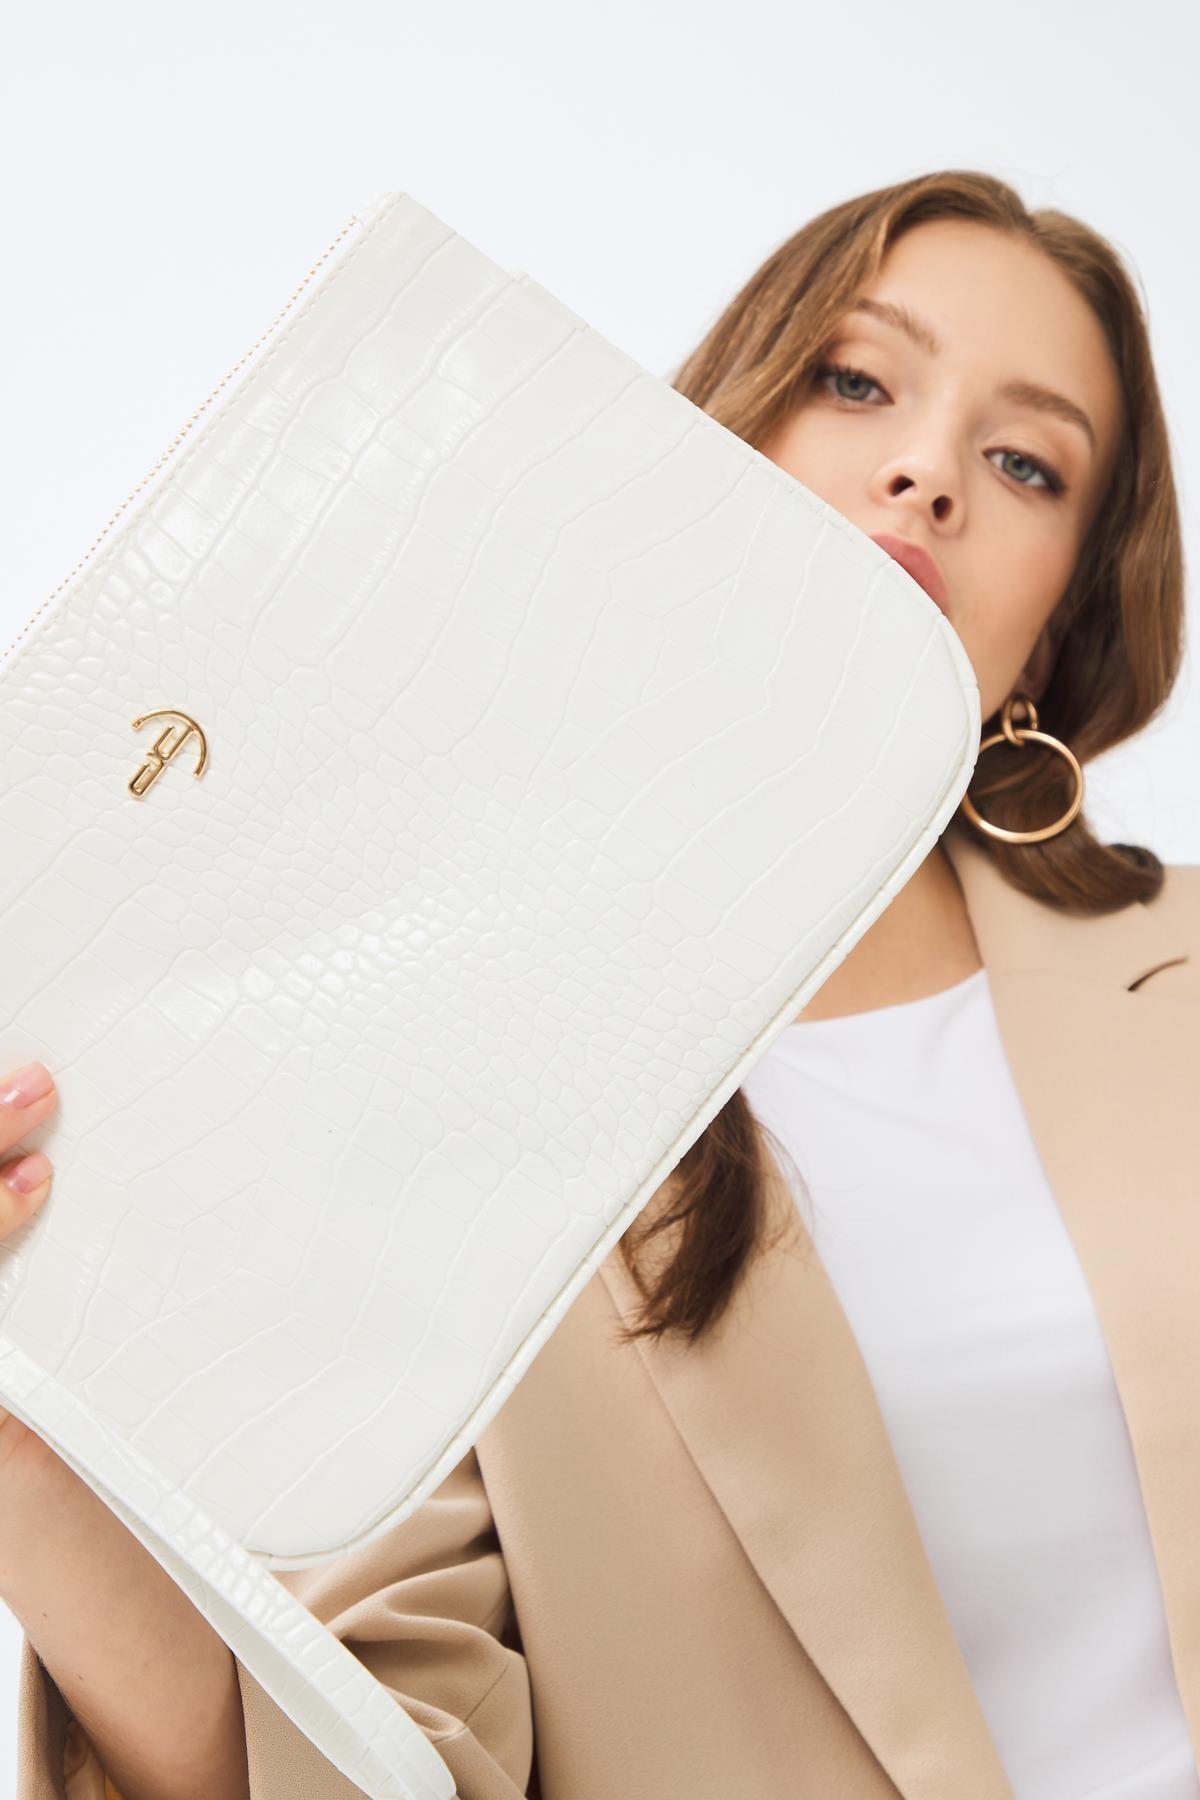 Deri Company Kadın Basic Clutch Çanta Kroko Timsah Desen Beyaz 214002 1